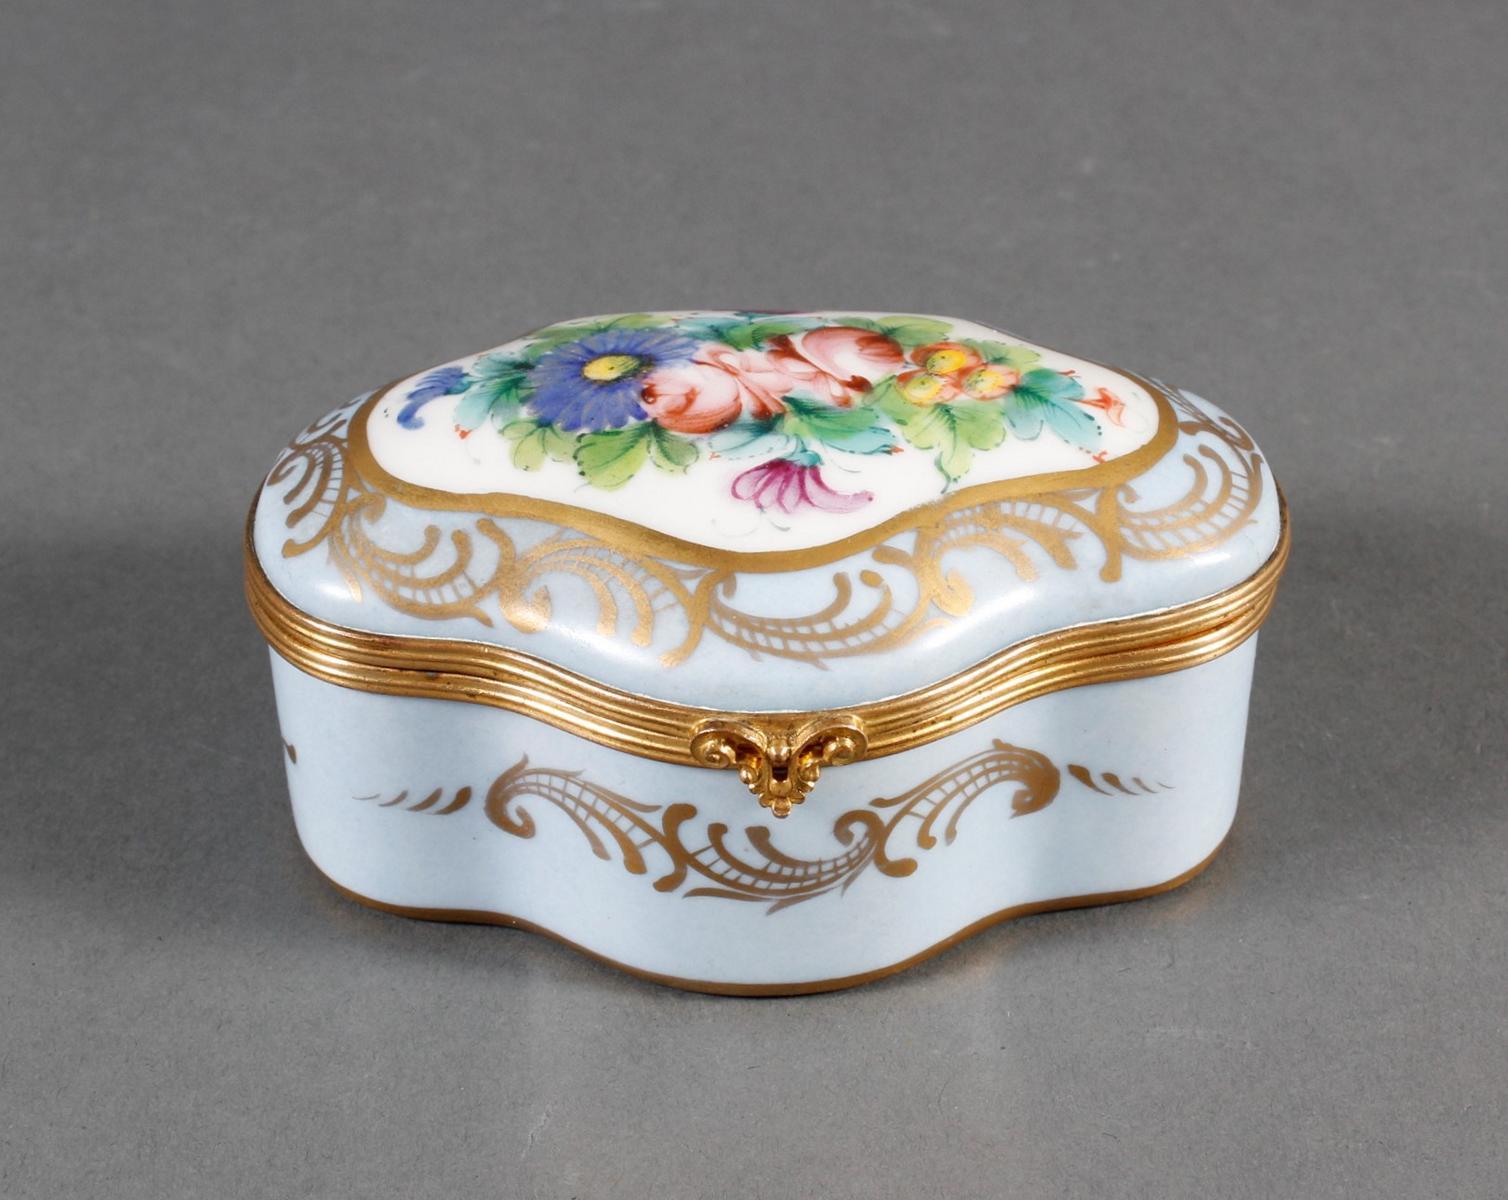 Limoges Frankreich, Handbemalte Porzellan-Pillendose, 1. Hälfte 20. Jahrhundert